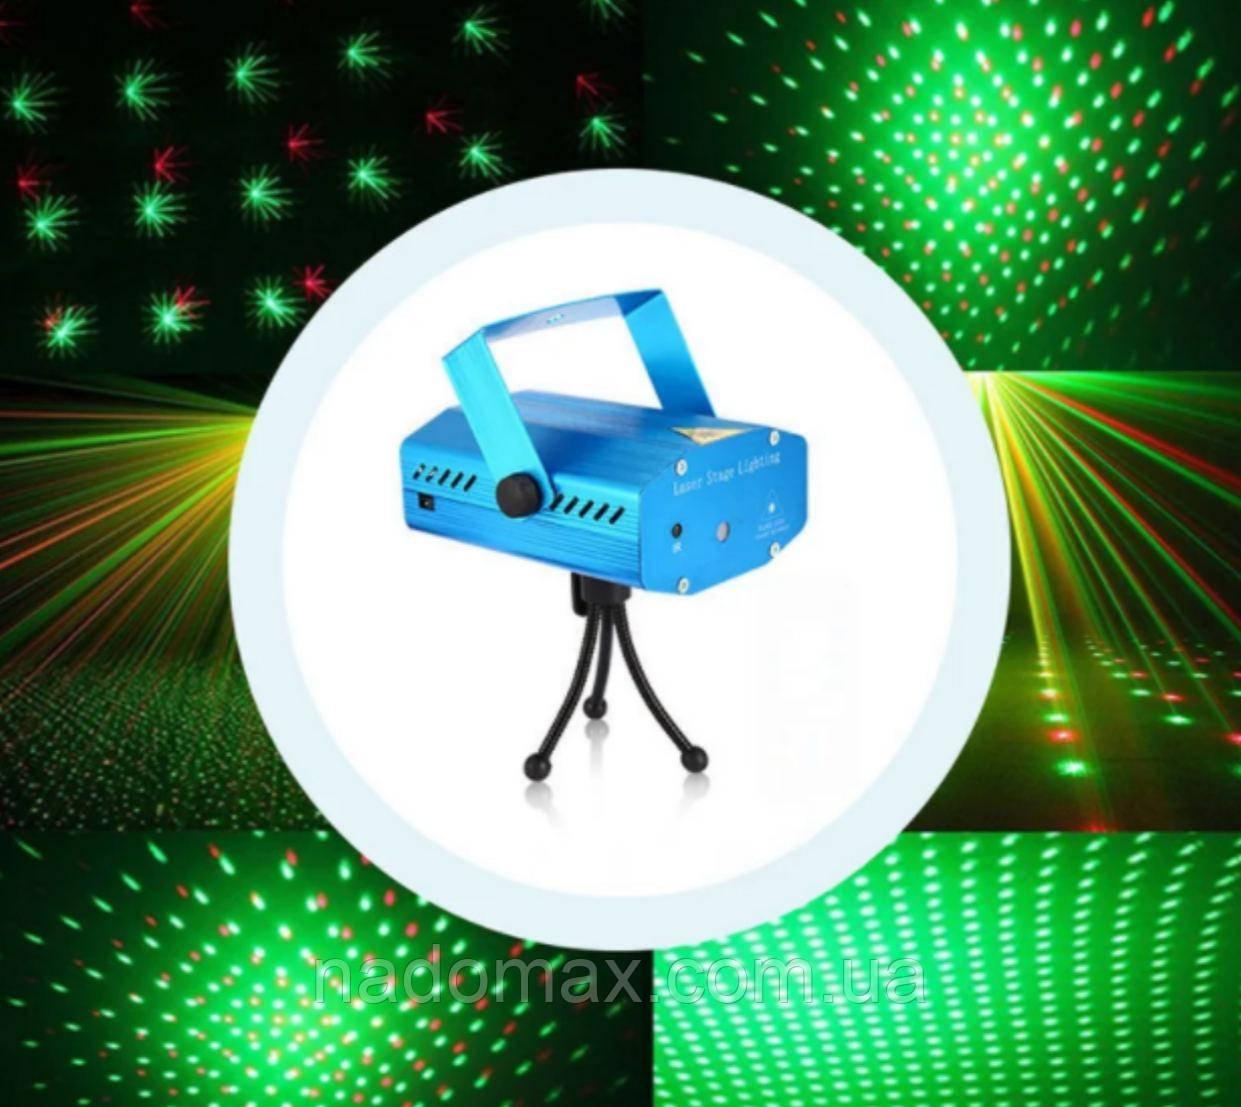 Лазерный проектор Точки мини лазер 2 цвета 6 рисунков 7193